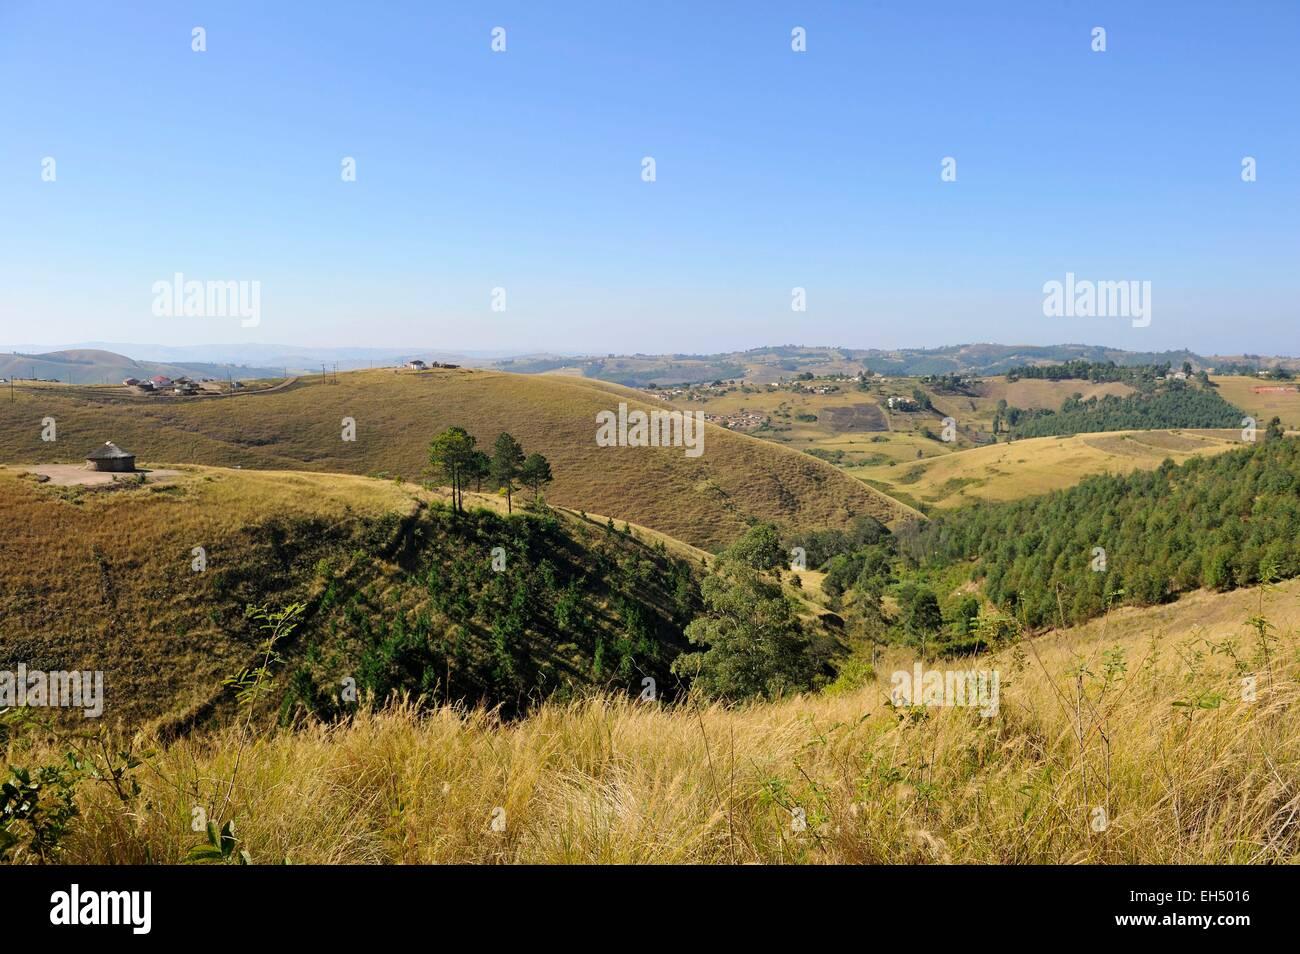 South Africa, Kwazulu Natal, Eshowe, Zululand - Stock Image